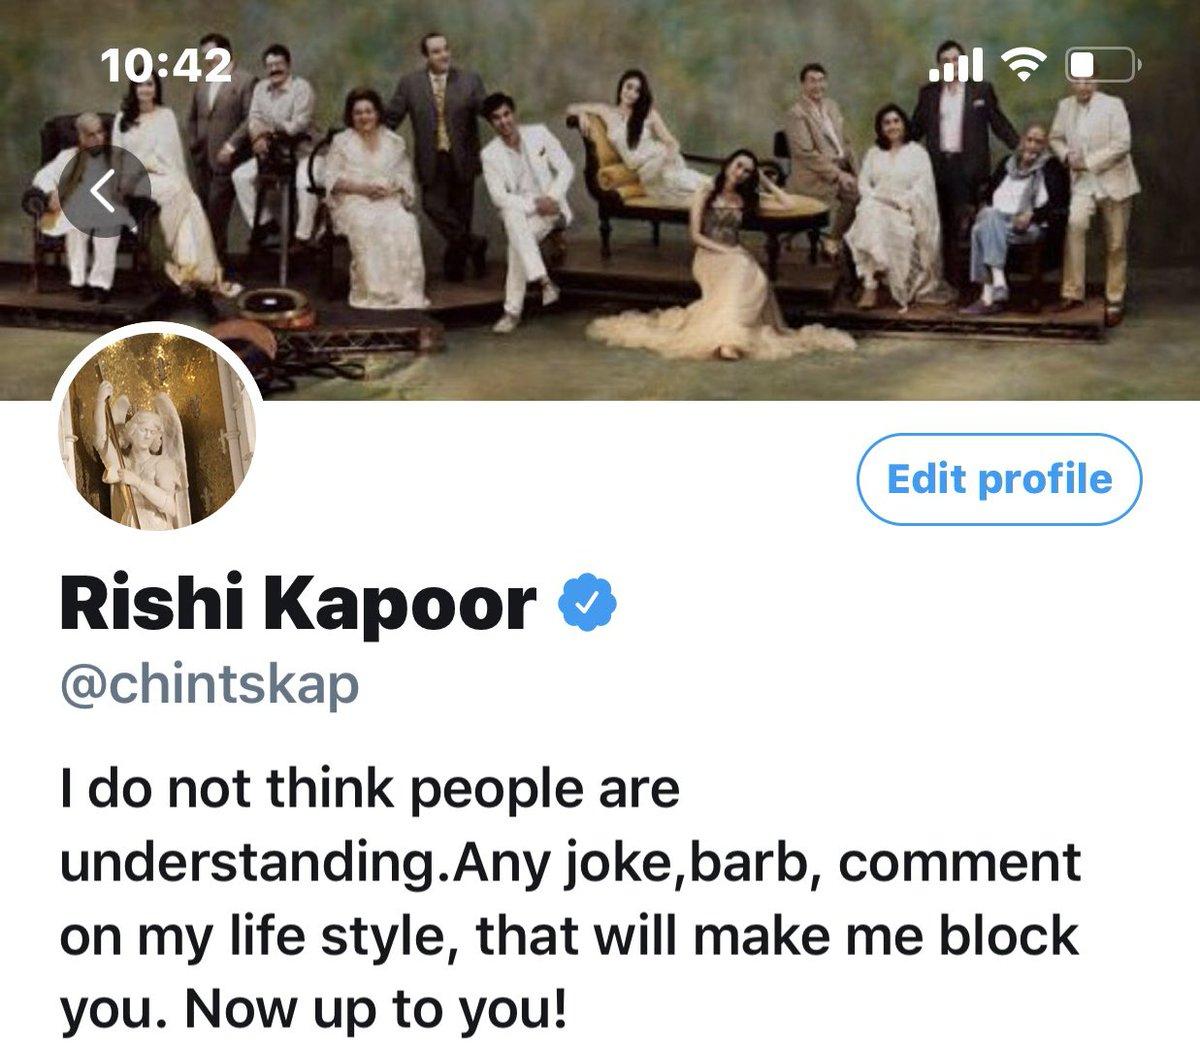 Rishi Kapoor (@chintskap) on Twitter photo 31/03/2020 17:13:45